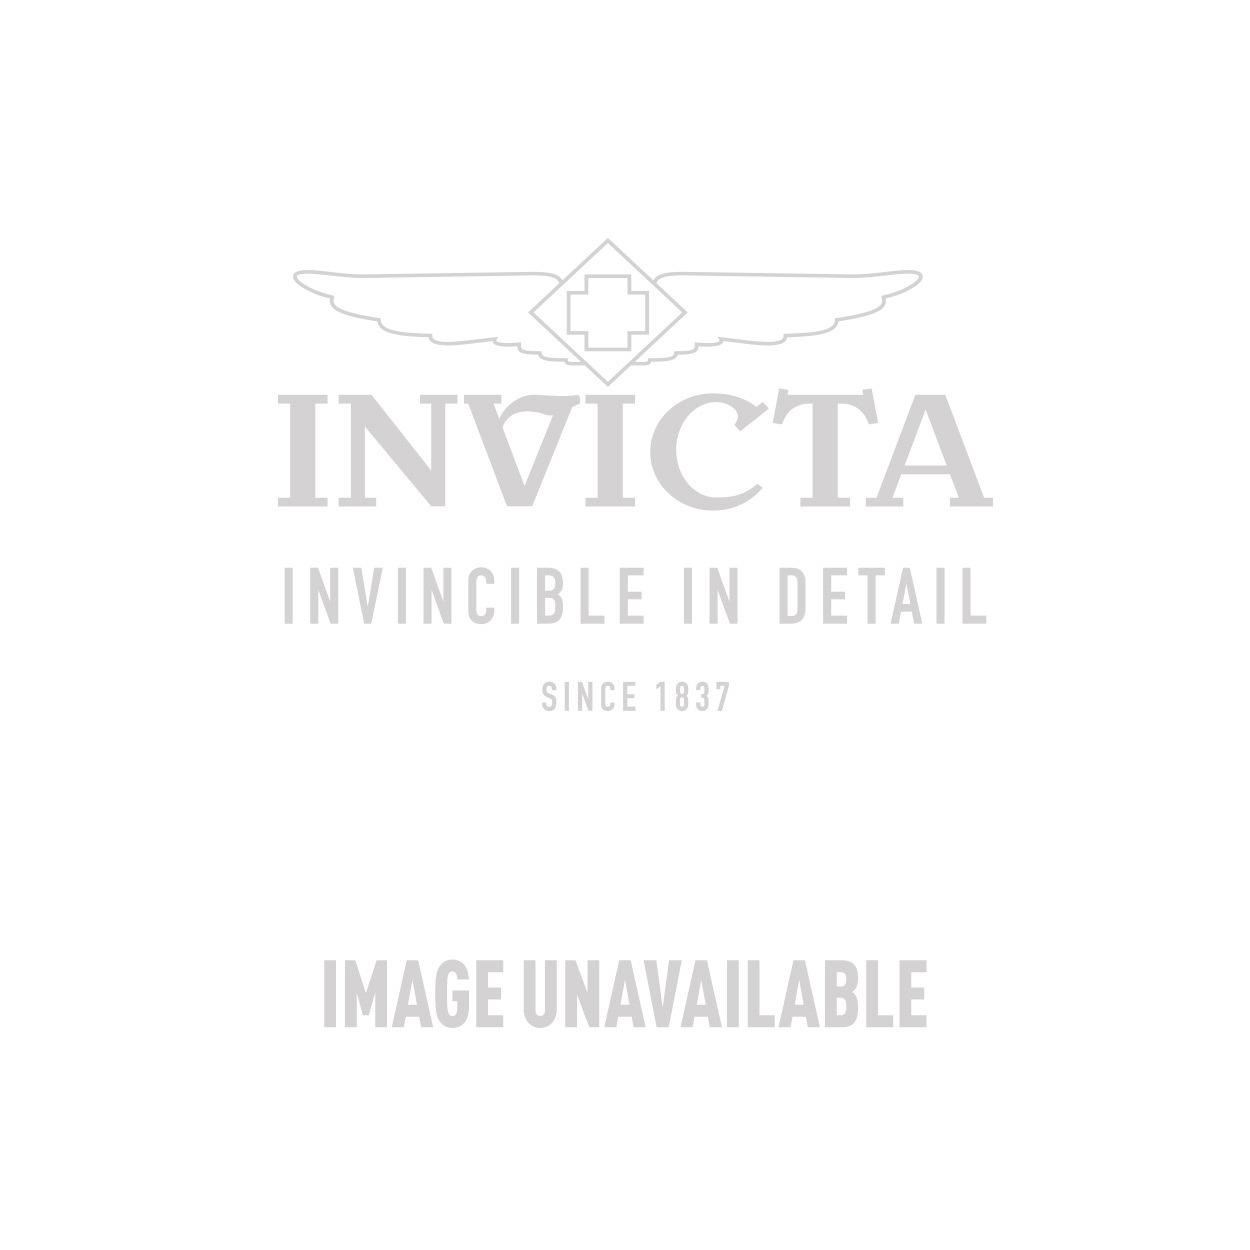 INVICTA Jewelry ALOYSIUS Necklaces 50 39 Silver 925 and Ceramic Rhodium+Rose Gold+Platinum - Model J0112